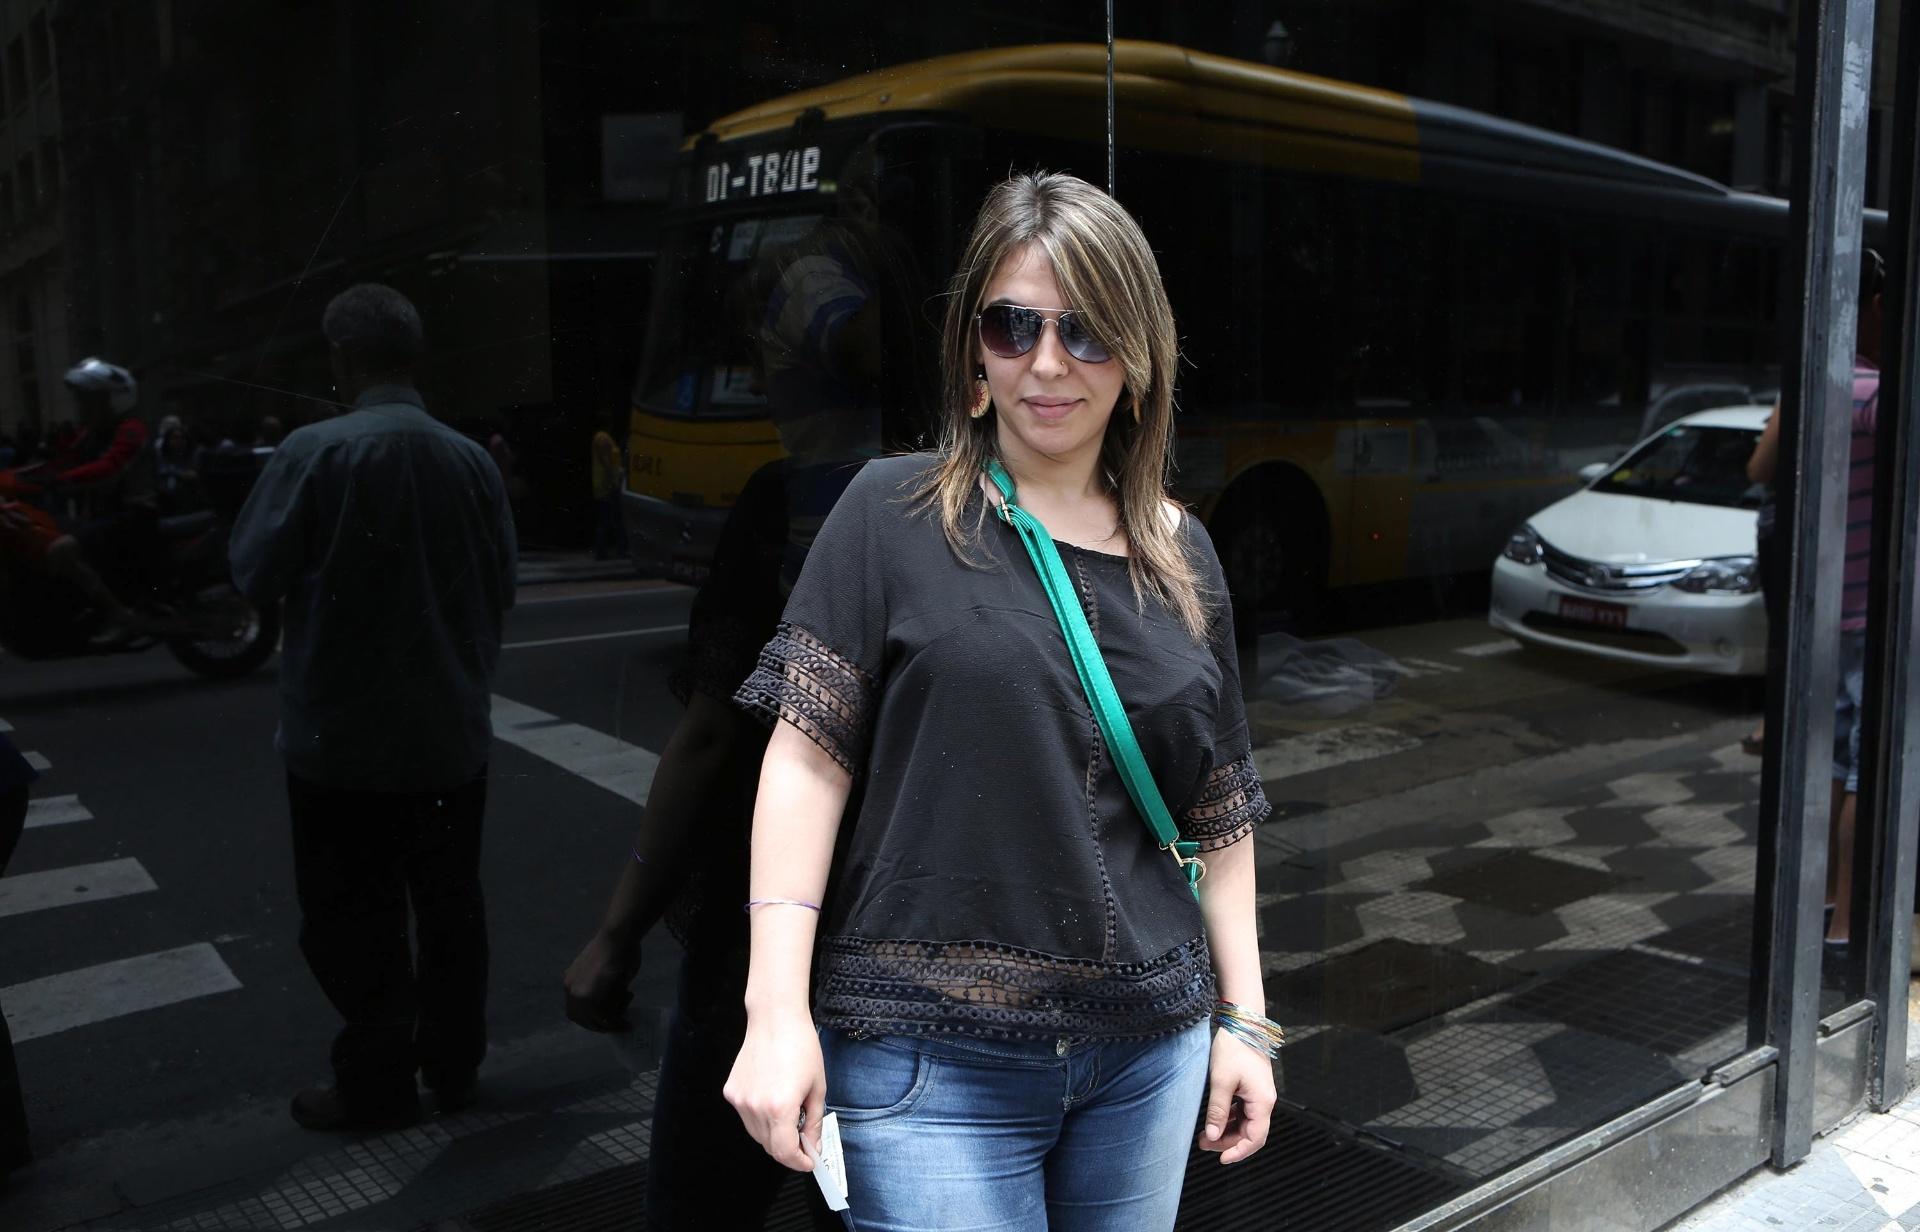 A paulista Milena Vila Nova, 29, participou de ação judicial conjunta para retificar o nome no registro civil, na Defensoria Pública do Estado de São Paulo, na capital paulista. Ela já entregou os documentos